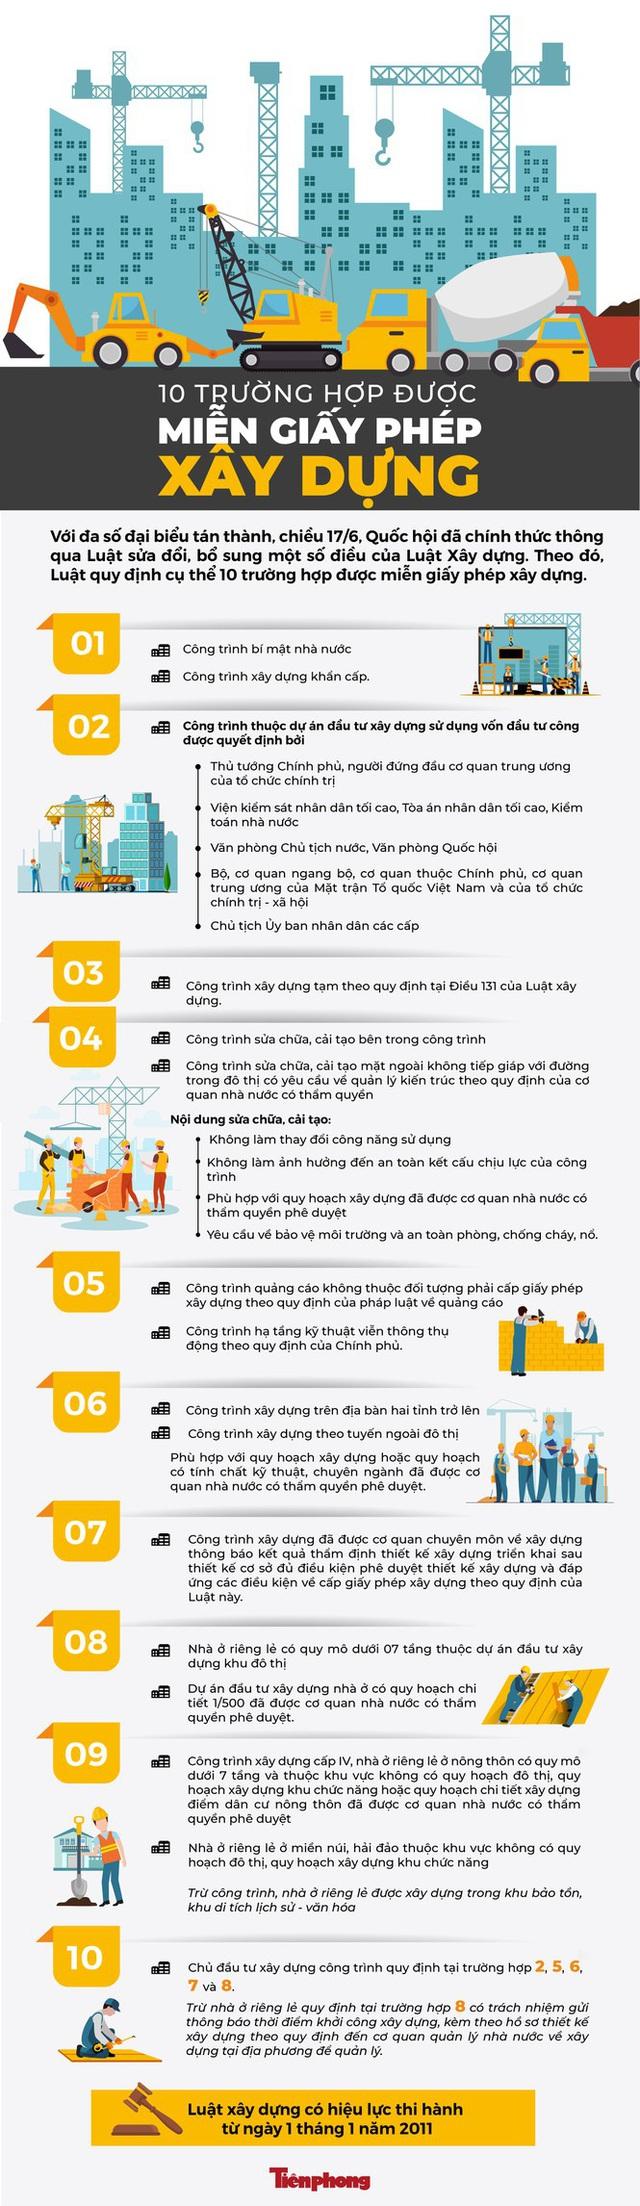 Infographic: Những trường hợp nào miễn giấy phép xây dựng theo luật mới? - Ảnh 1.